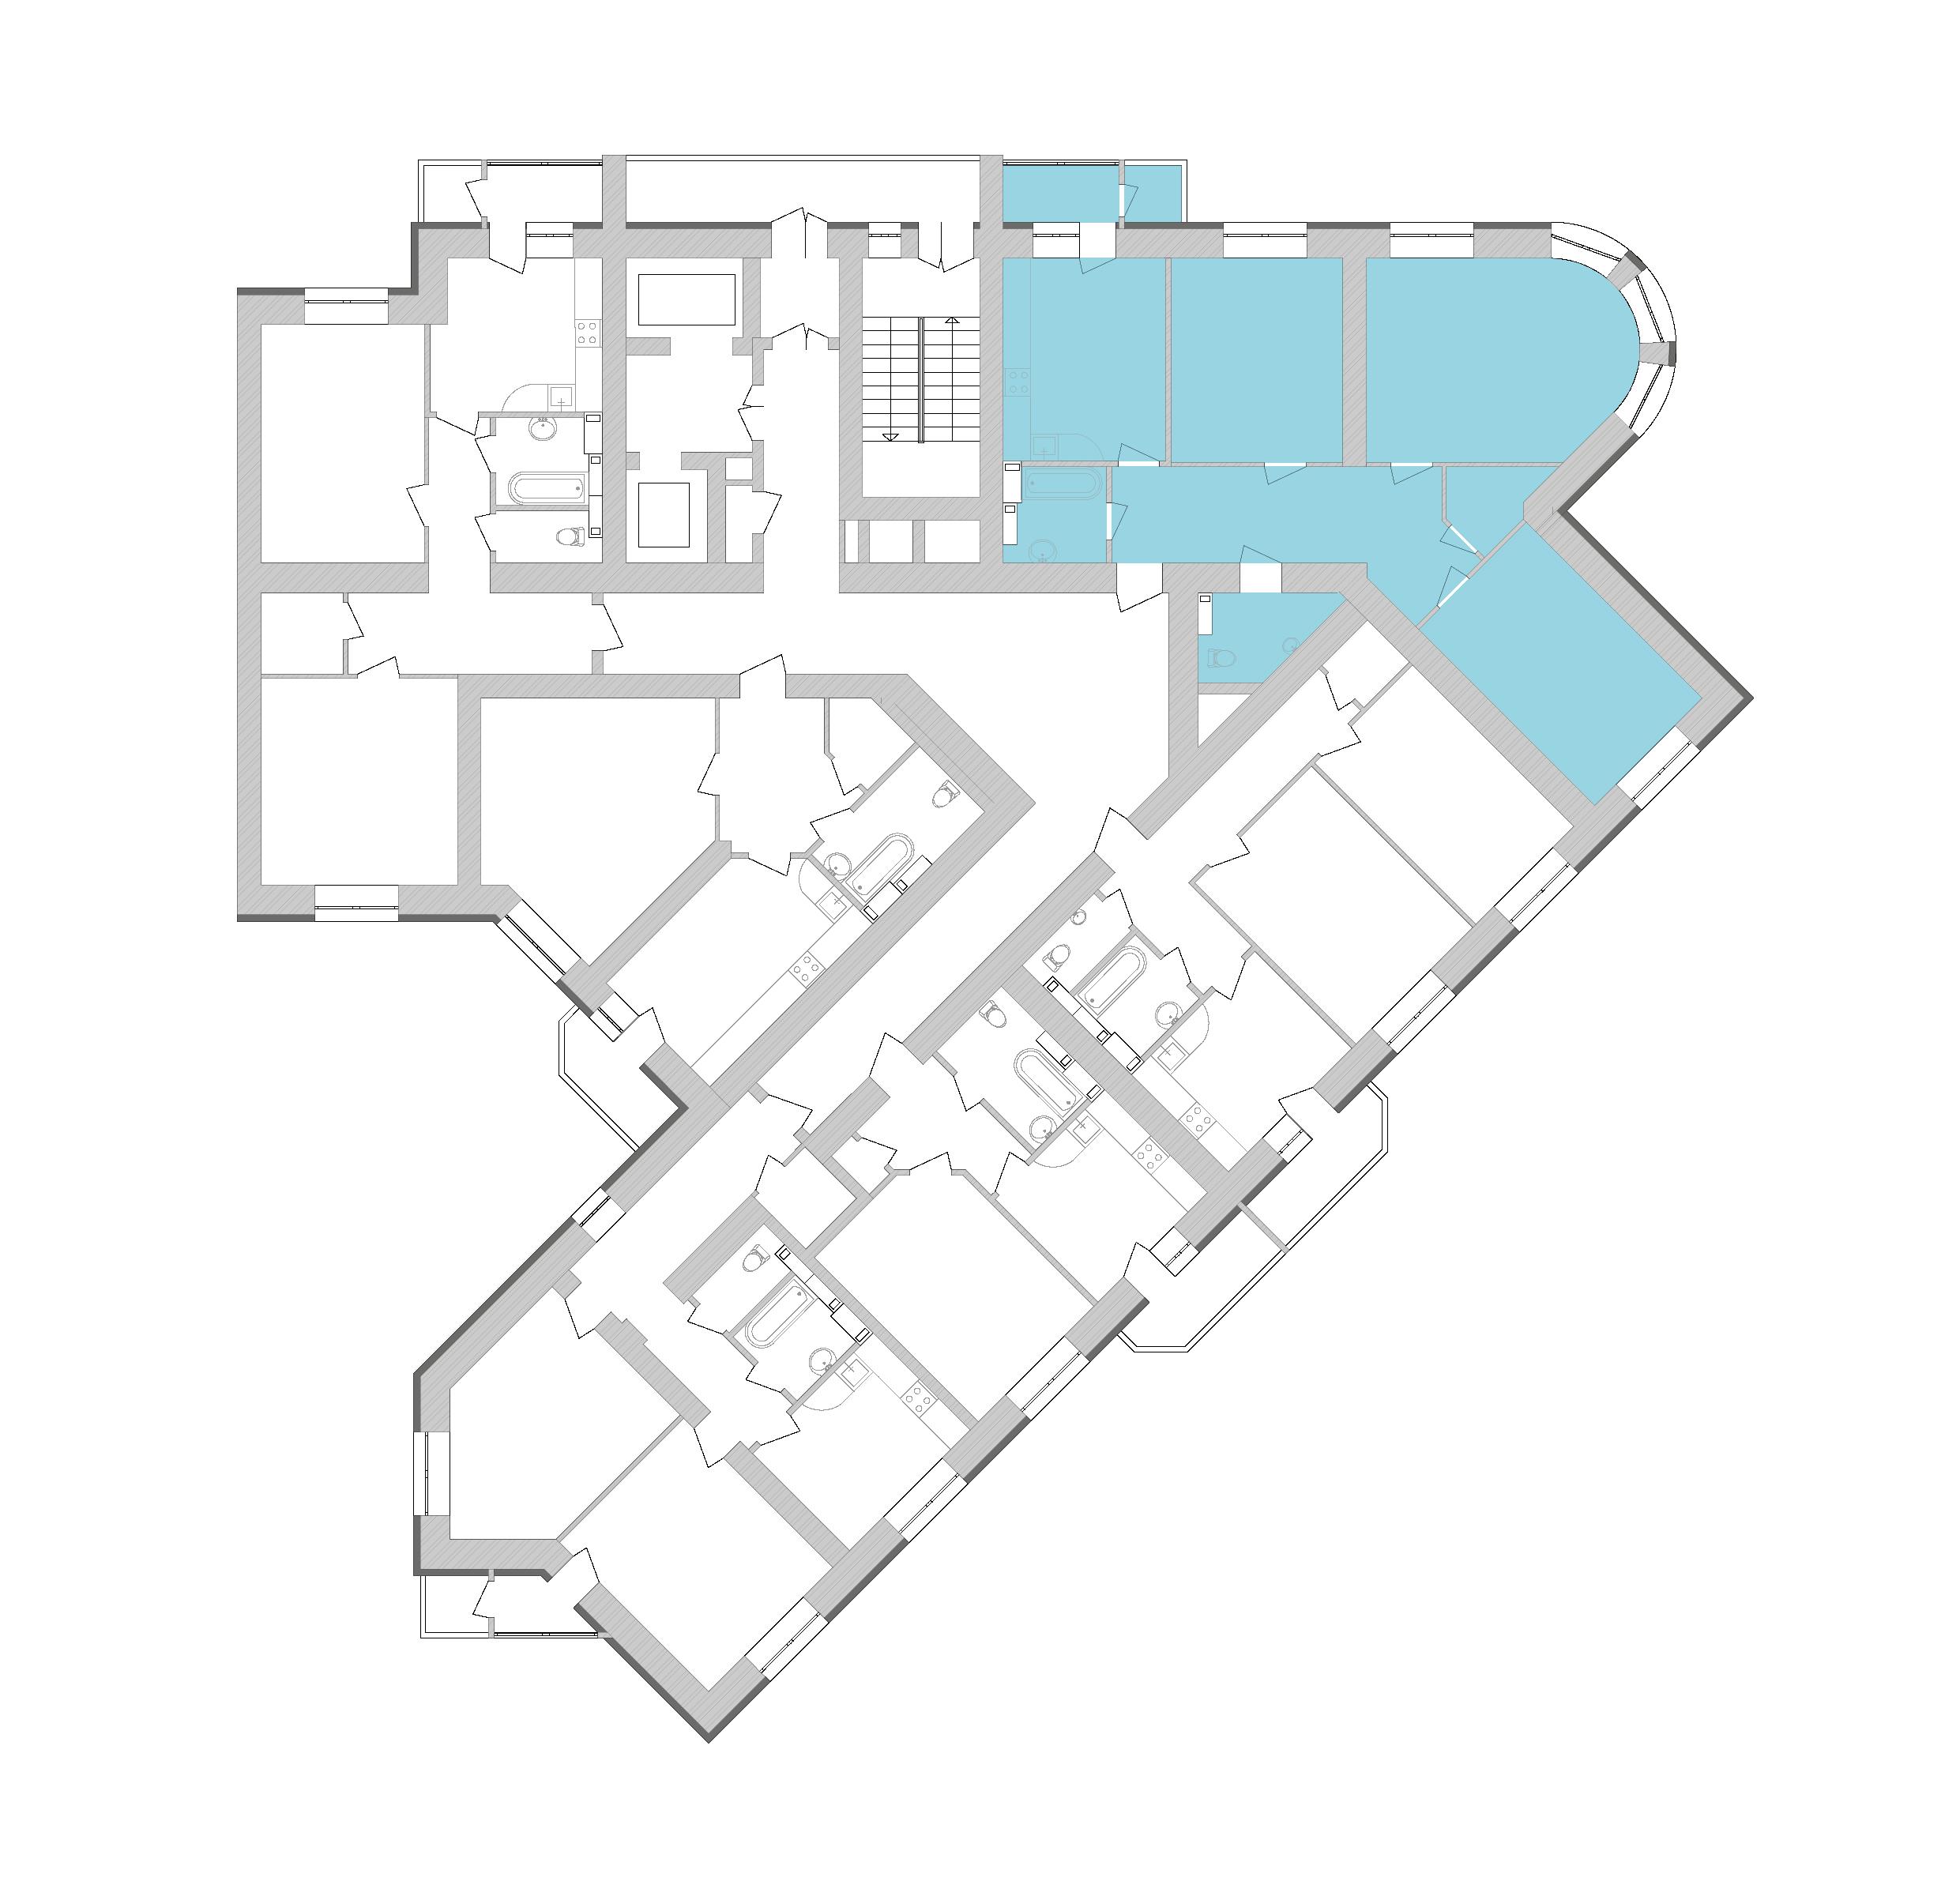 Трикімнатна квартира 107,7 кв.м., тип 3.3, будинок 1, секція 9 розташування на поверсі